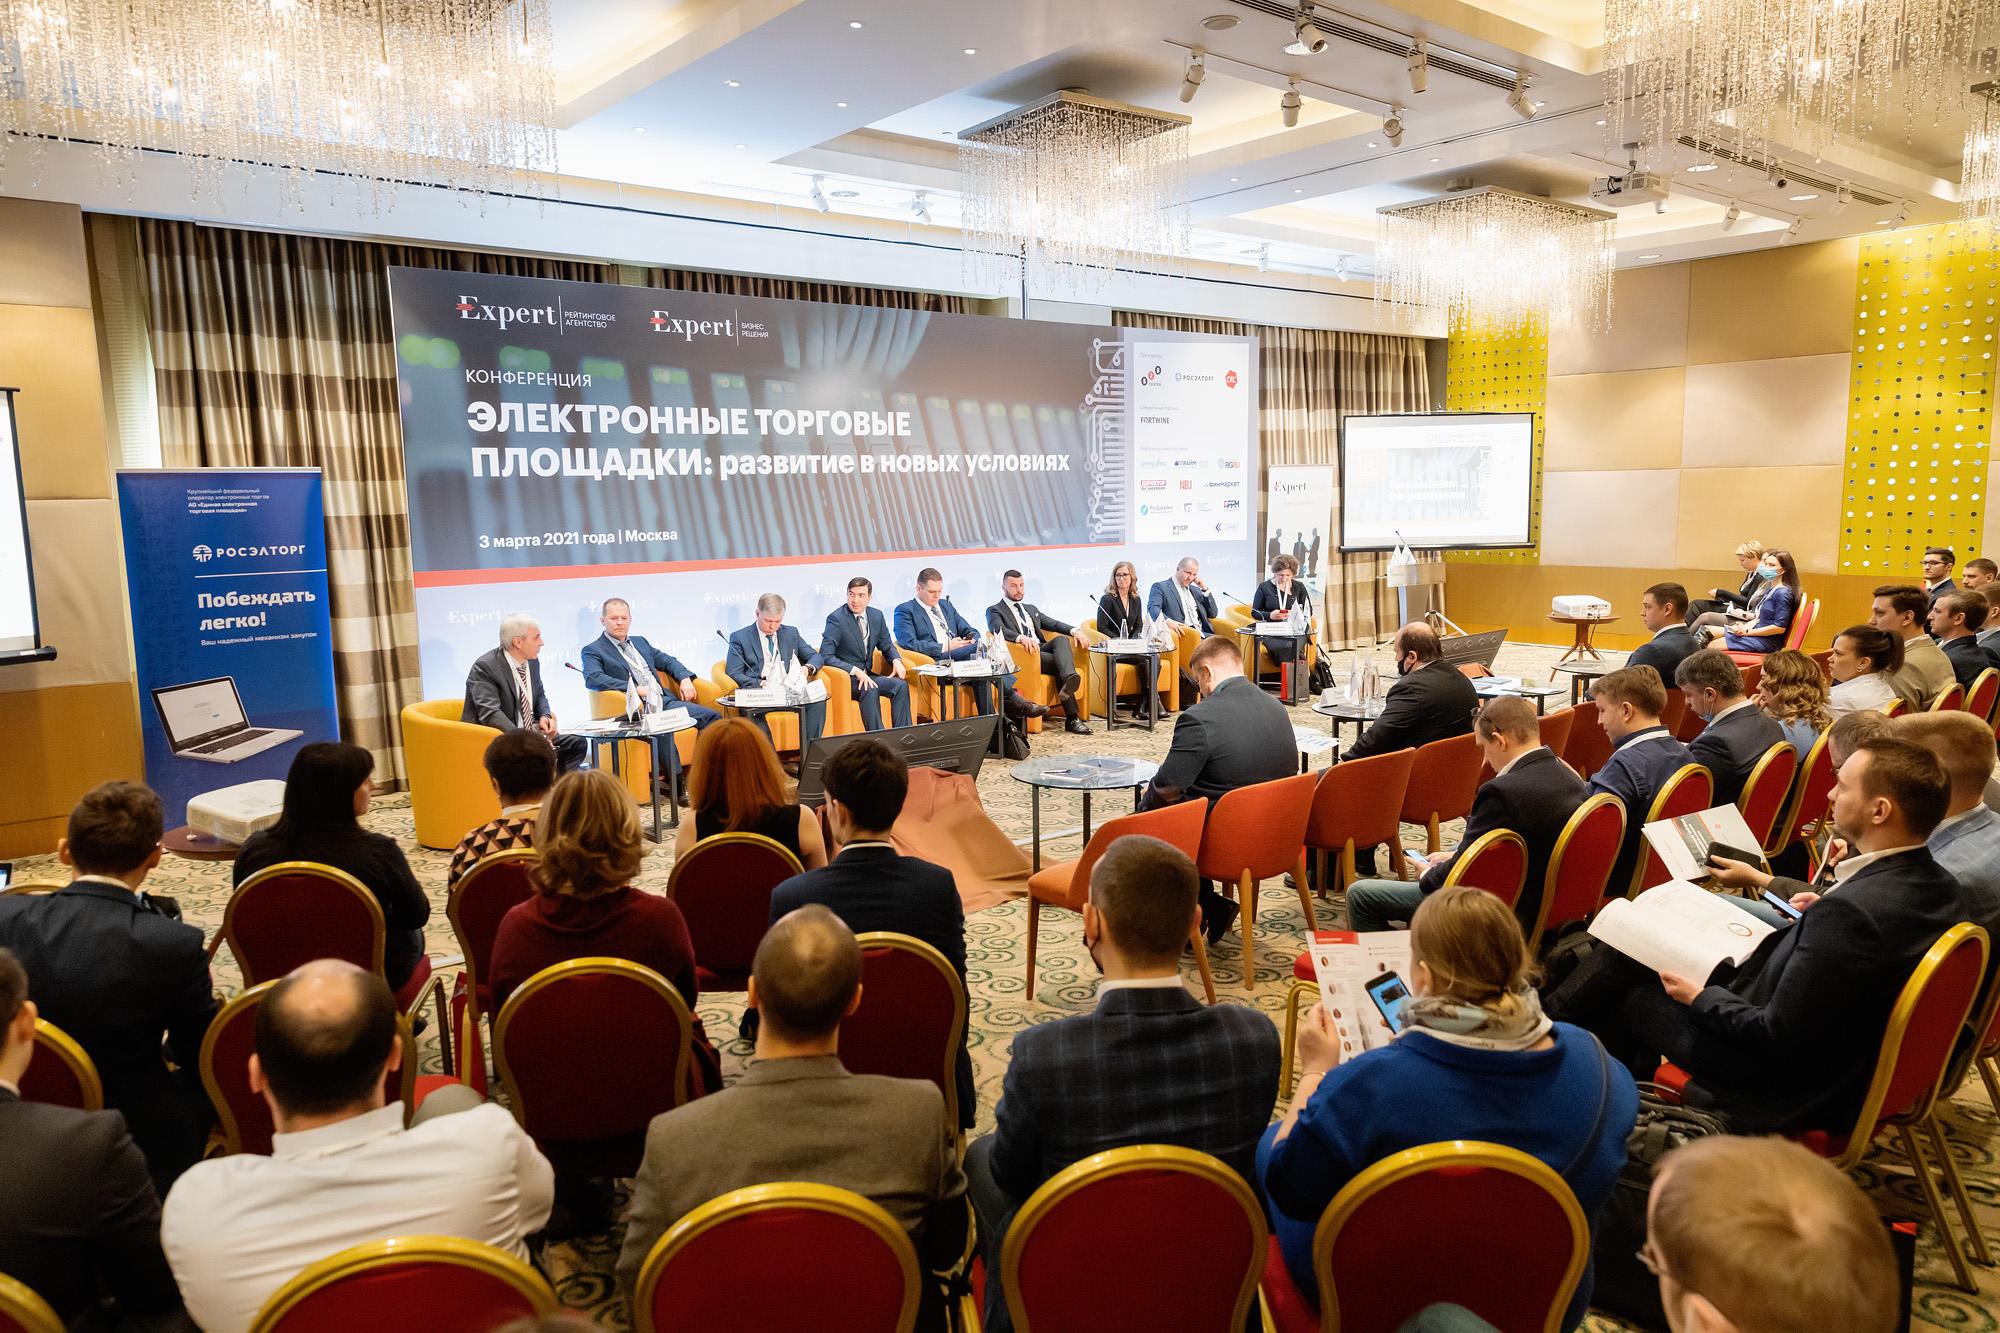 Электронные торговые площадки: развитие в новых условиях